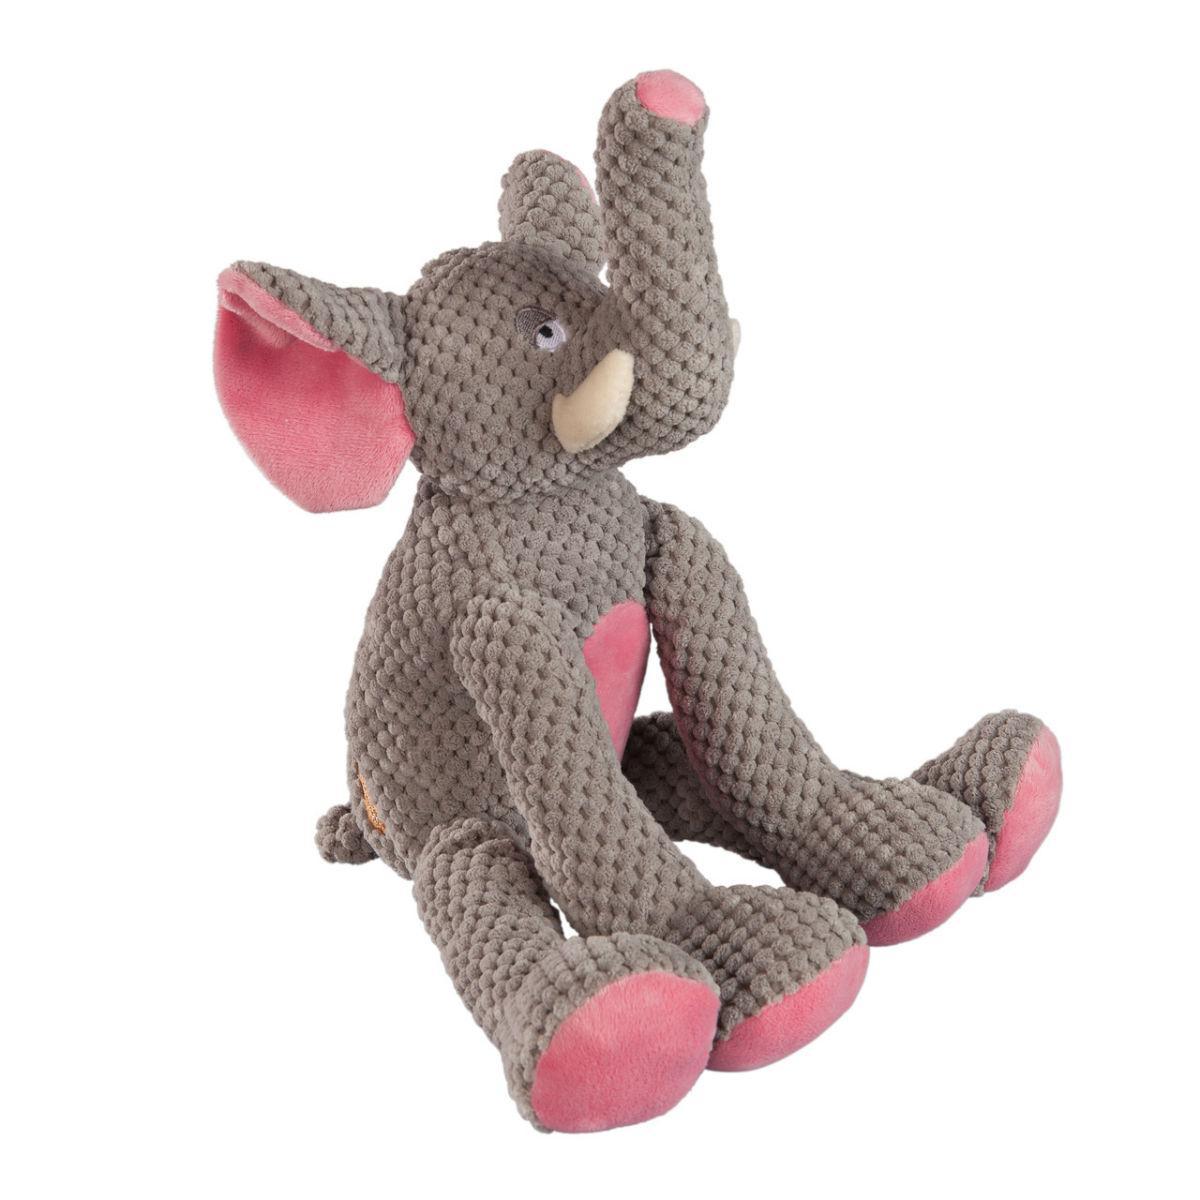 fabdog® Floppy Friends Dog Toy - Elephant